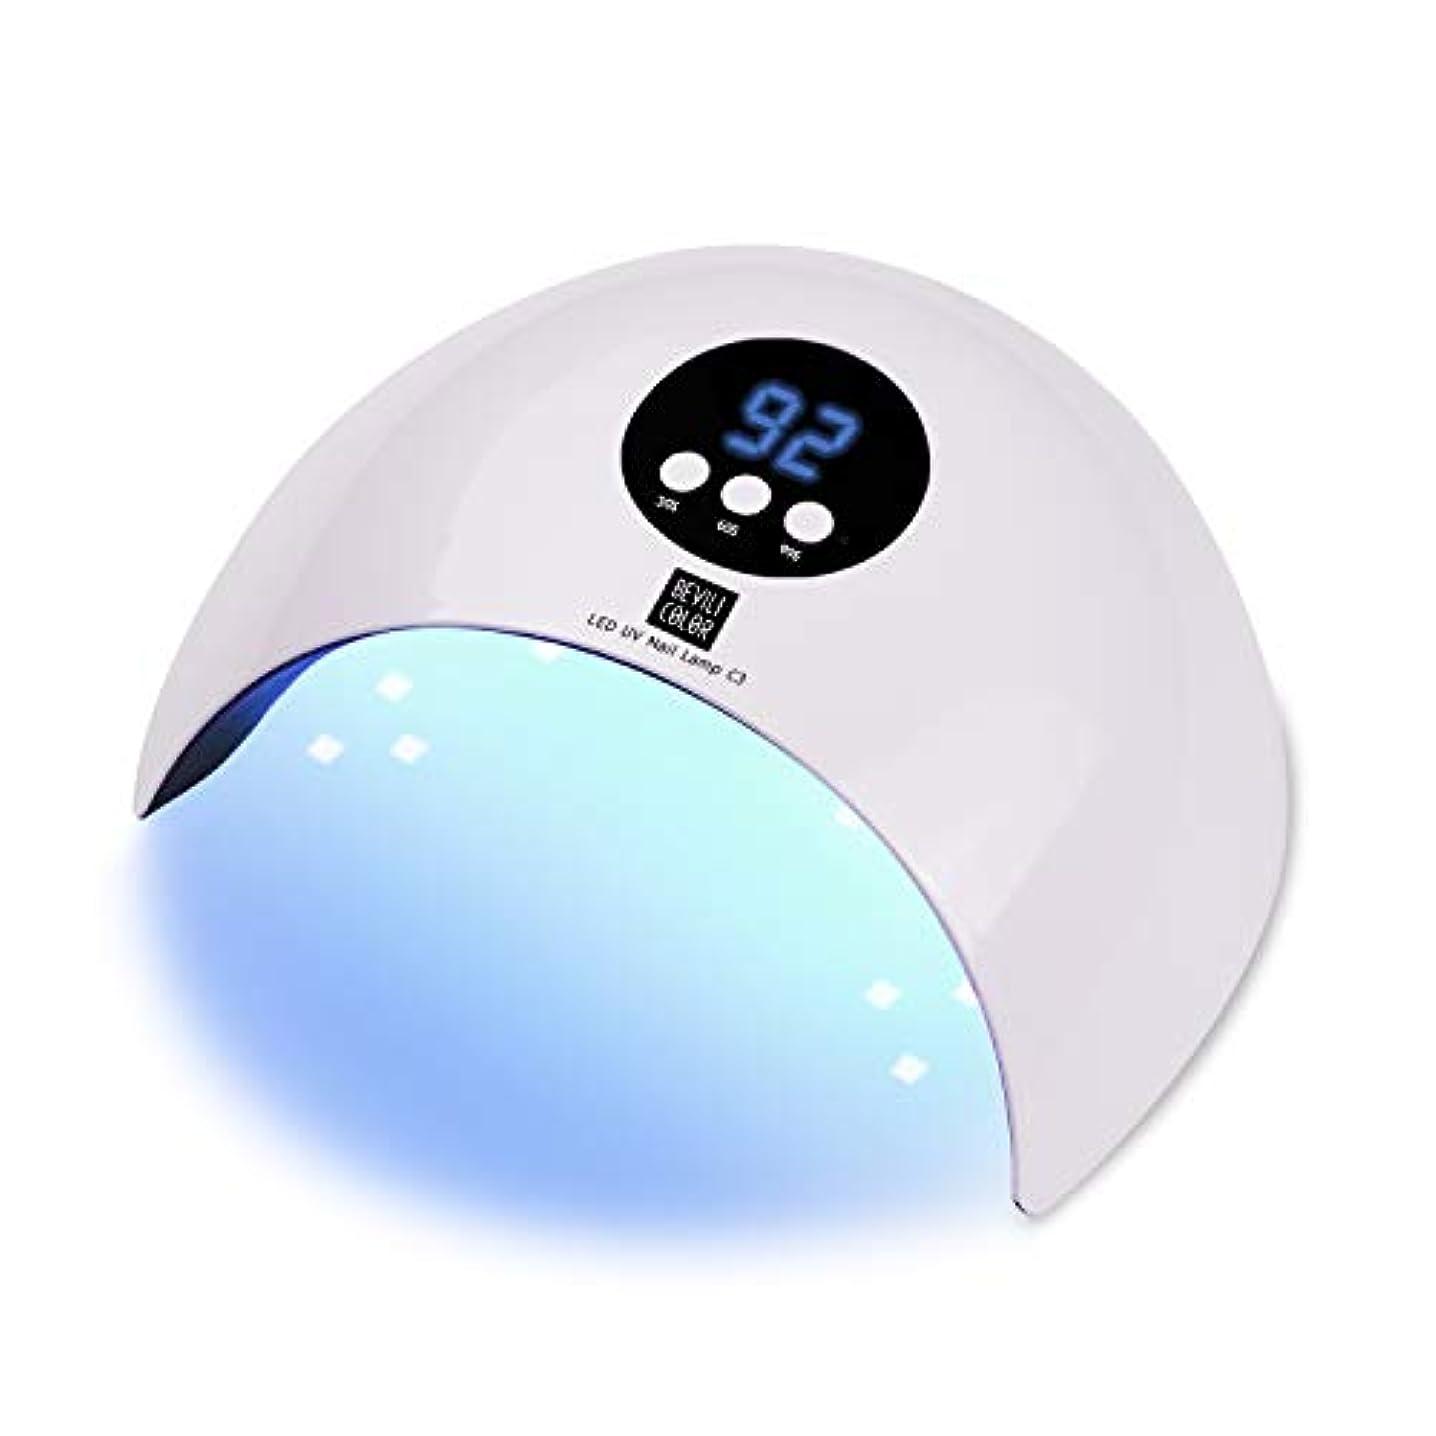 天気構造無知硬化ライト UVライト ネイルドライヤー LED硬化ライト 自動センサー付き 3段階タイマー設定 36w高速硬化ジェルネイルライト ジェルネイル用 液晶ディスプレー (ホワイト)